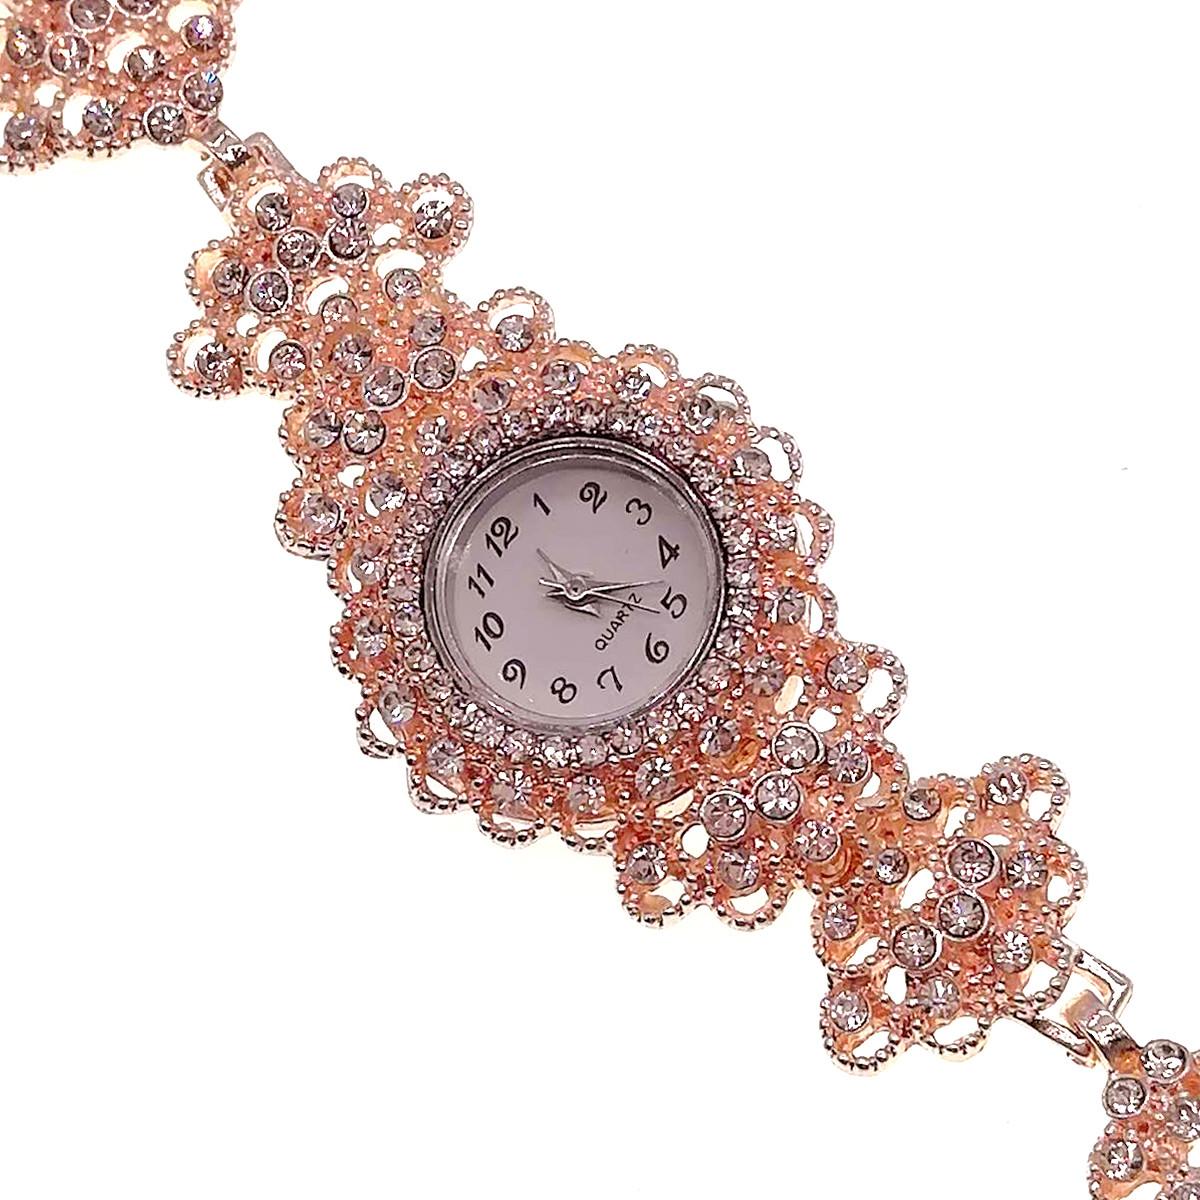 Кварцевые часы SONATA, белые фианиты, позолота РО, 95997             (1)